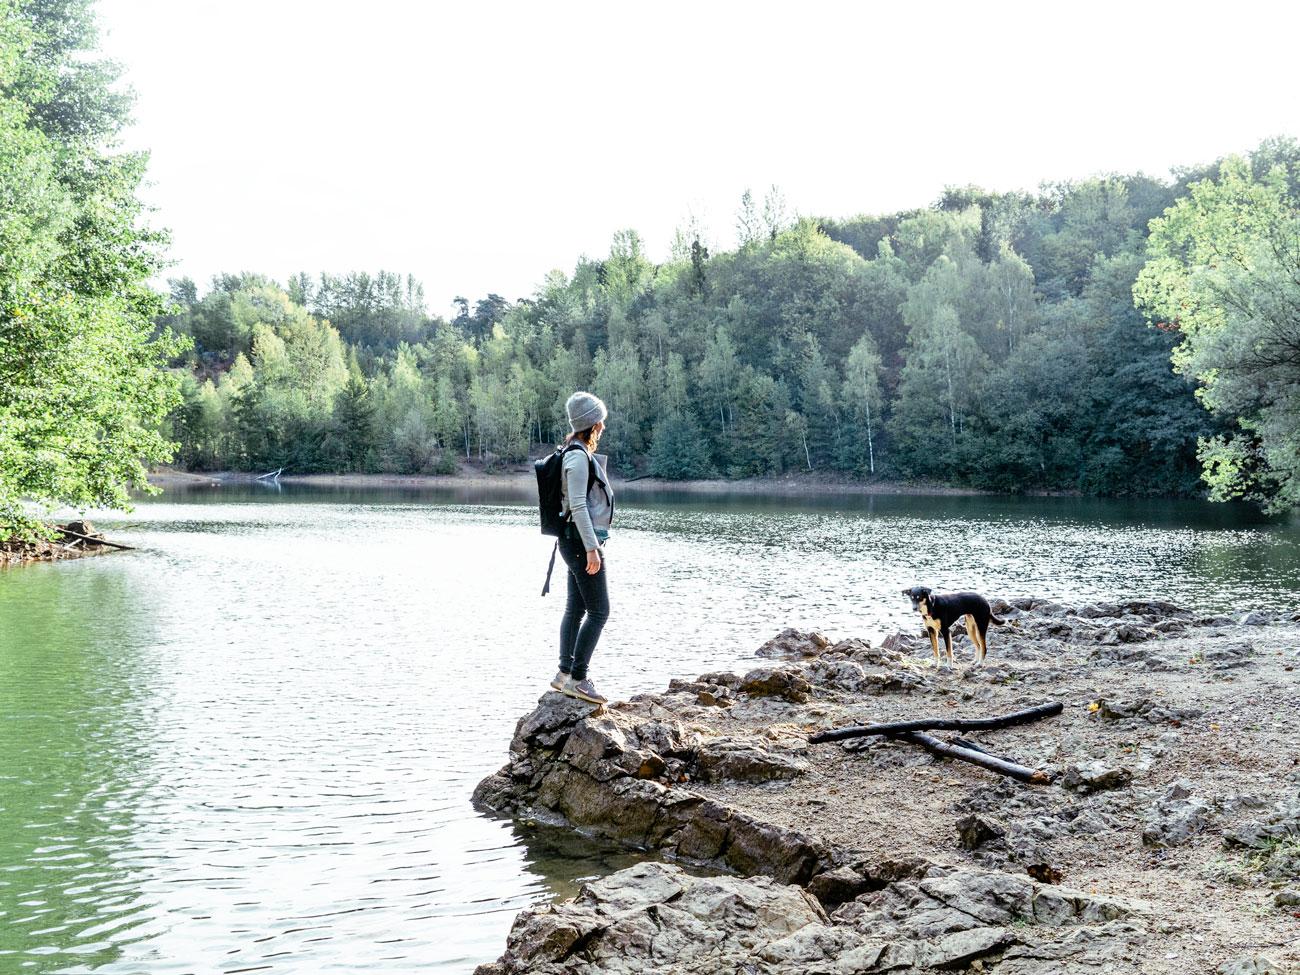 Aussteigen und Leben verändern - Reiseblog Bravebird Ute Kranz